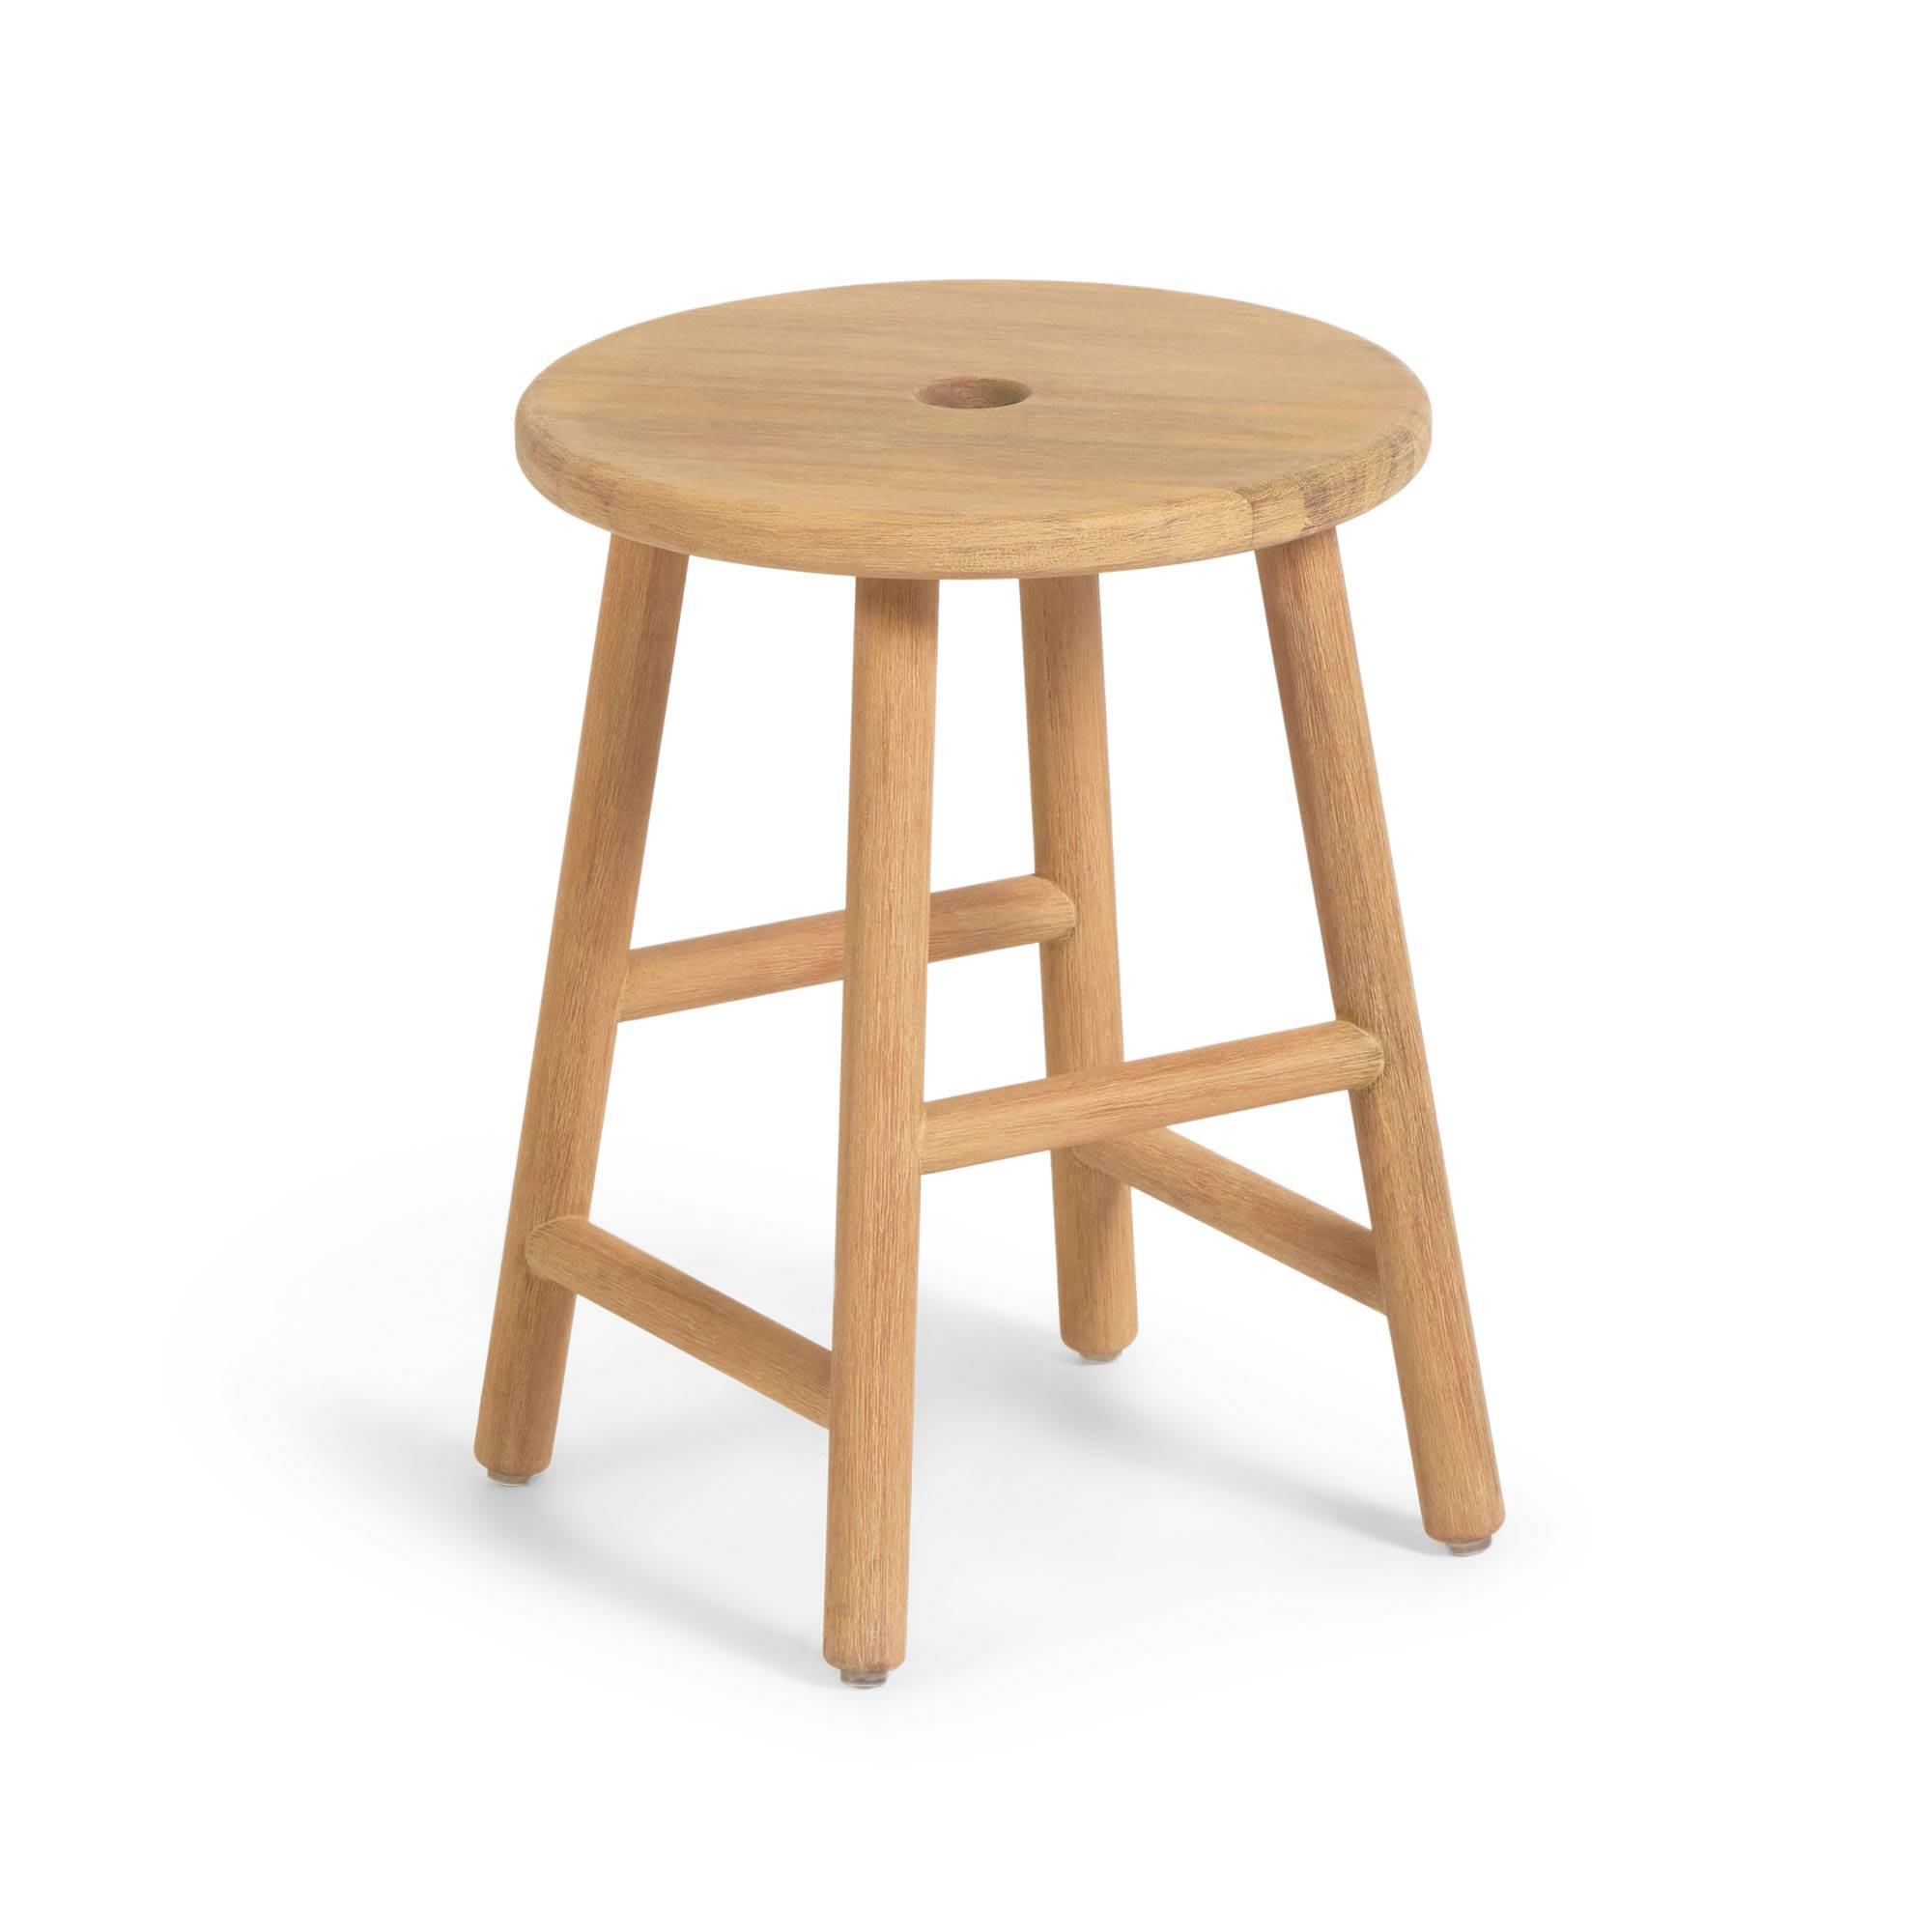 Kave Home Tavolino rotondo Huara in legno massello di eucalipto Ø 35 cm FSC 100%